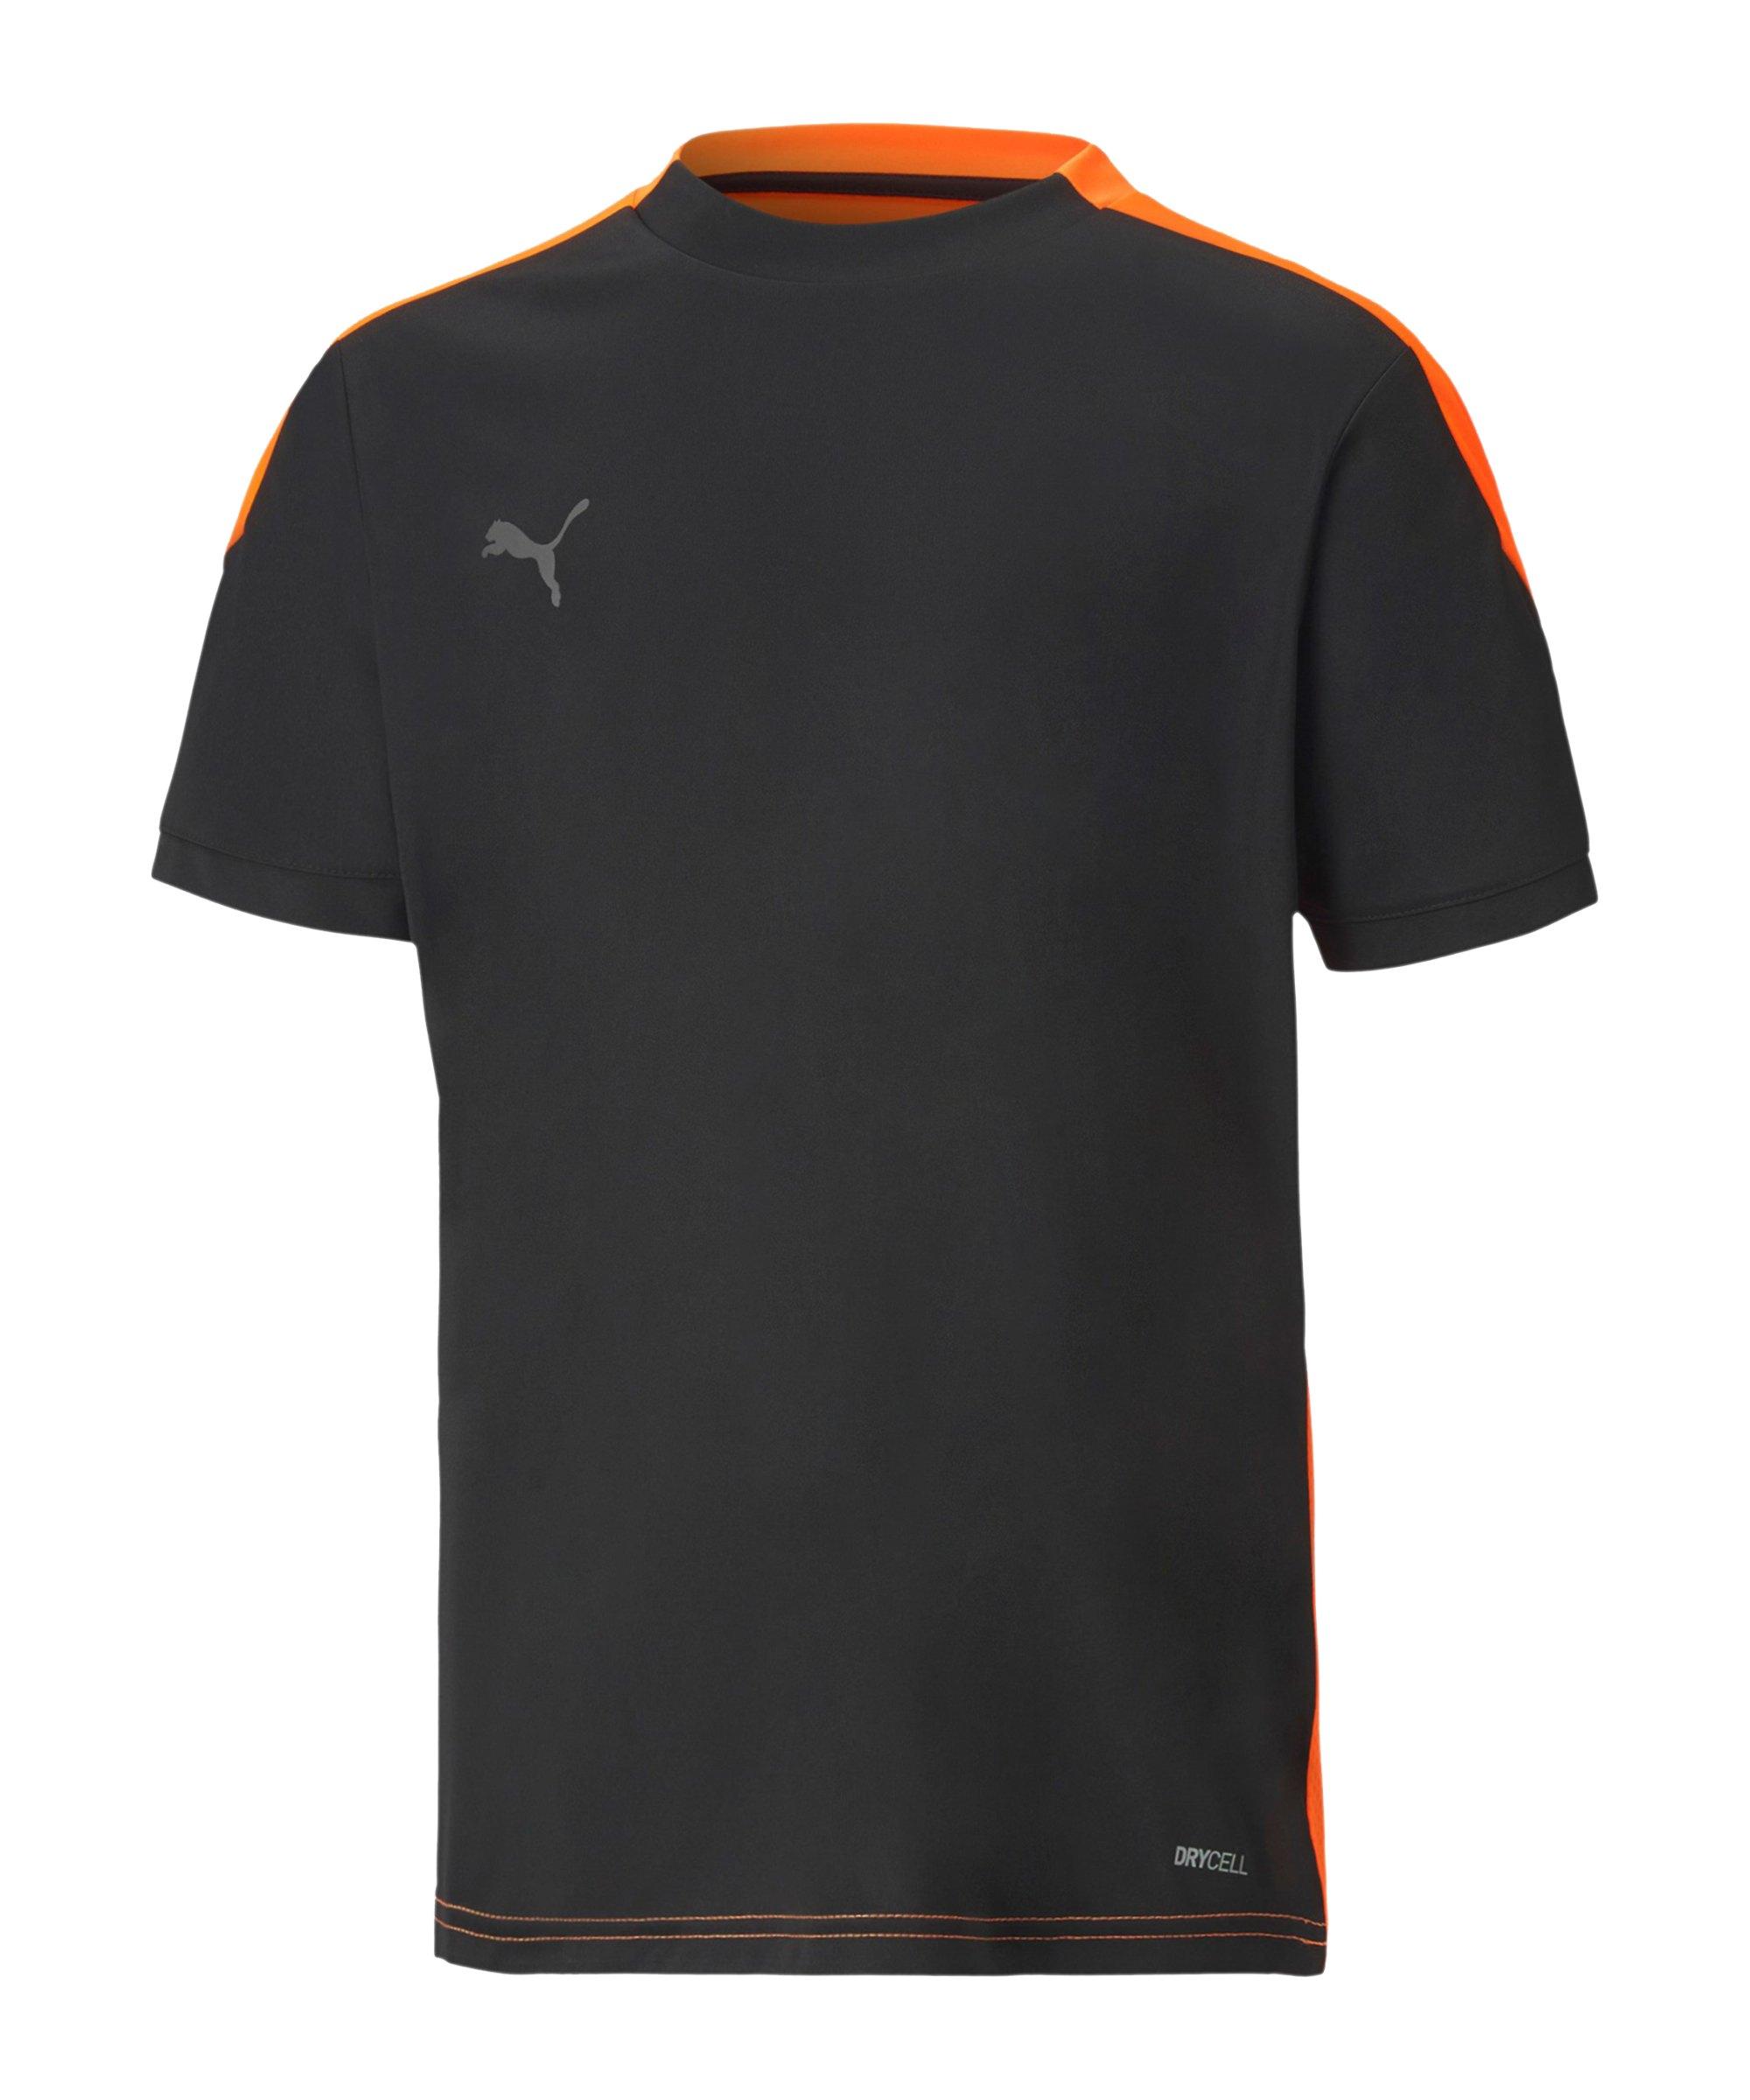 PUMA ftblNXT T-Shirt Kids Schwarz F01 - schwarz